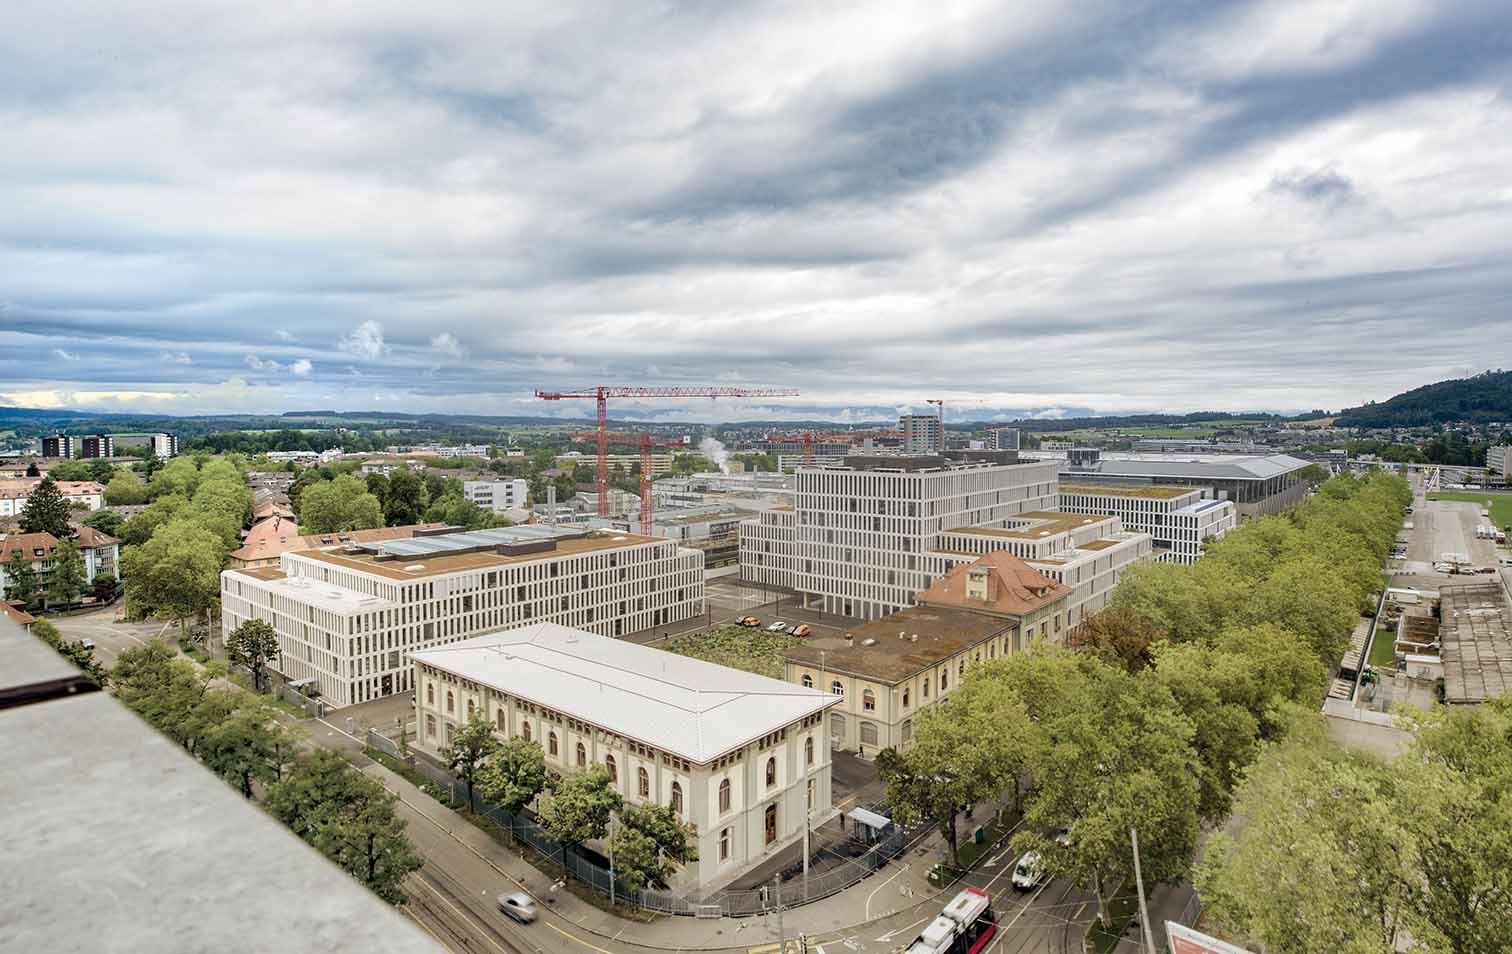 Baustelle zur Umnutzung des Zeughausareals in Bern